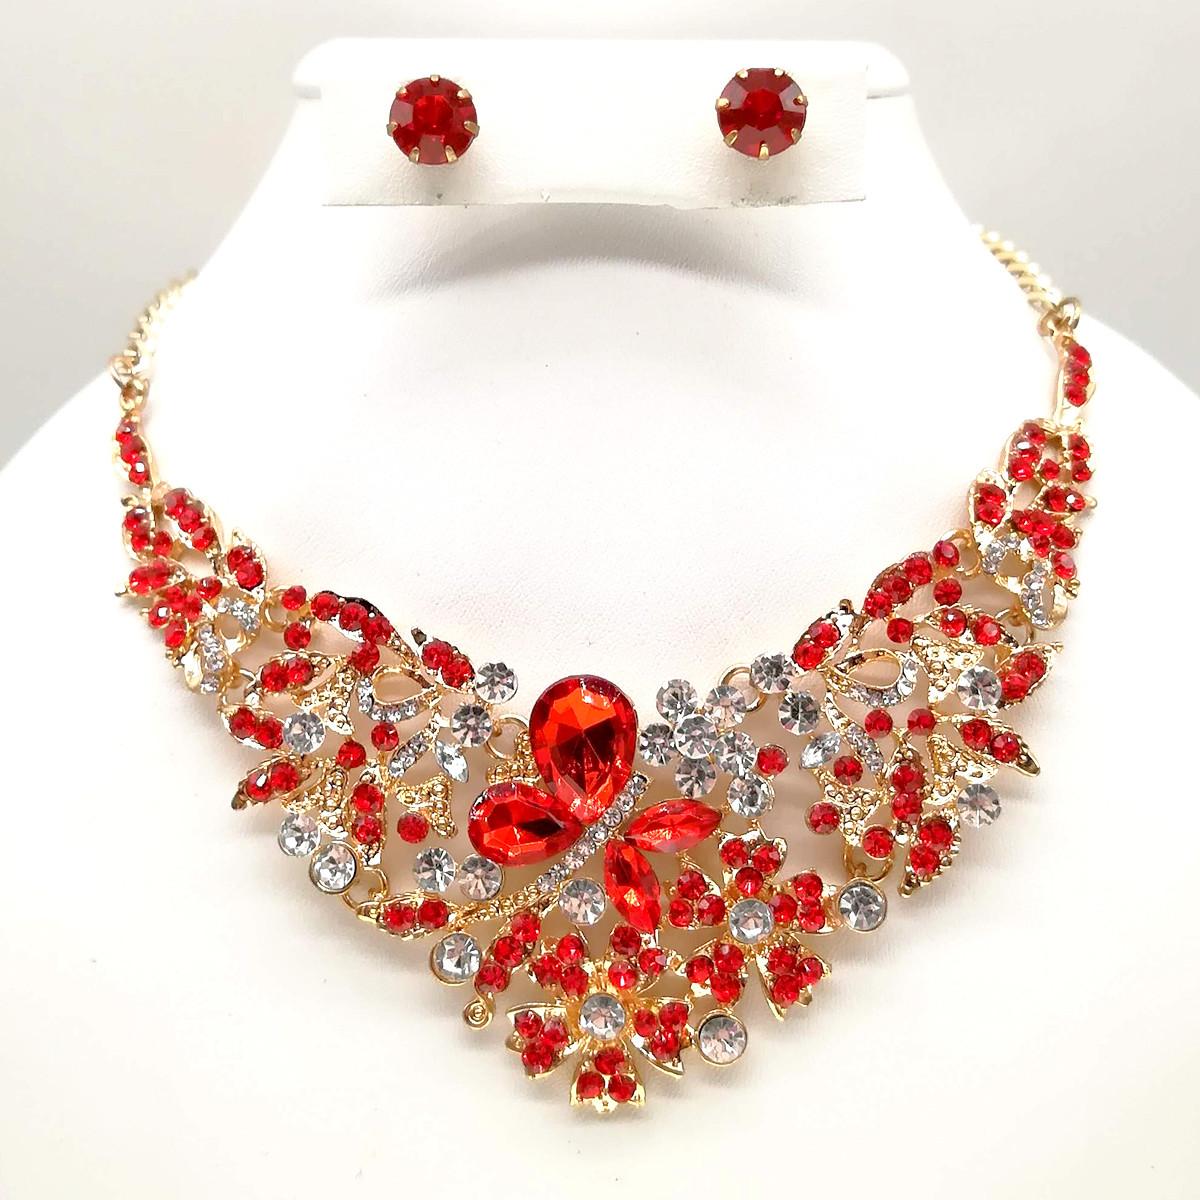 Комплект SONATA (Колье + серьги), красные камни, позолота 18К, 63249                                  (1)